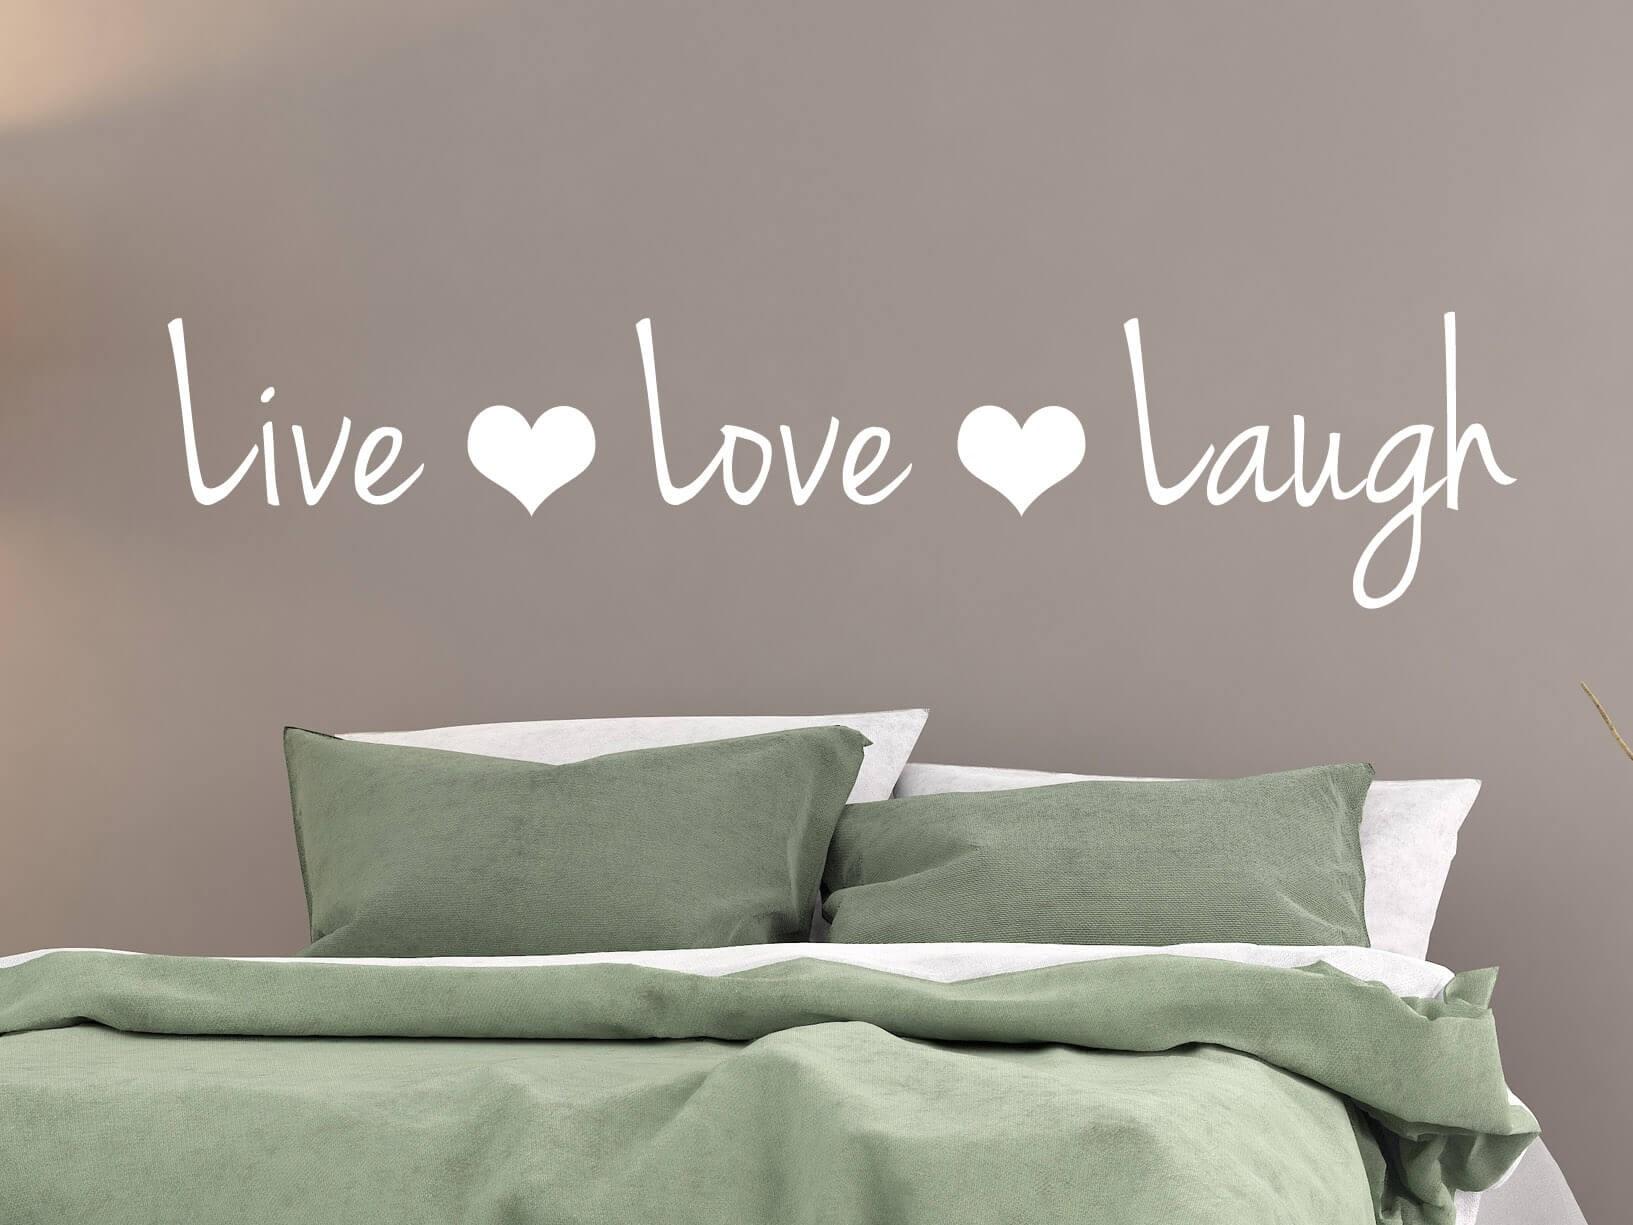 Muurstickers Slaapkamer Love.Muursticker Live Love Laugh Met Hartjes